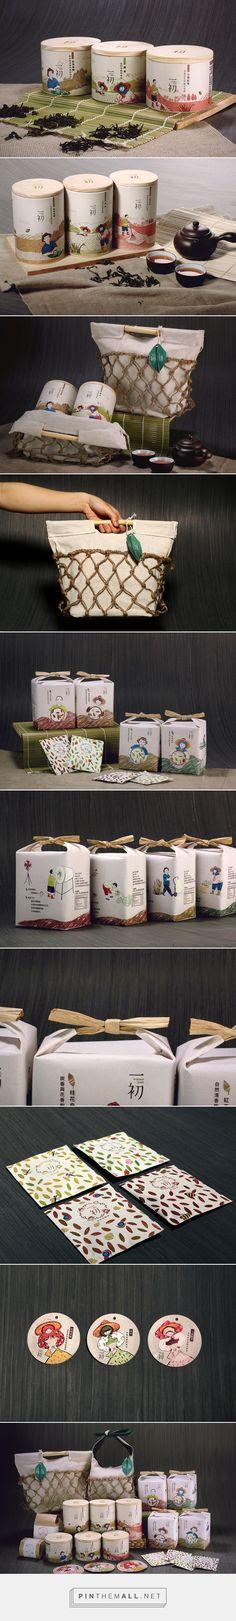 有機茶包裝設計 - 一初Original Mind / Tea packaging / by DONG YI TING